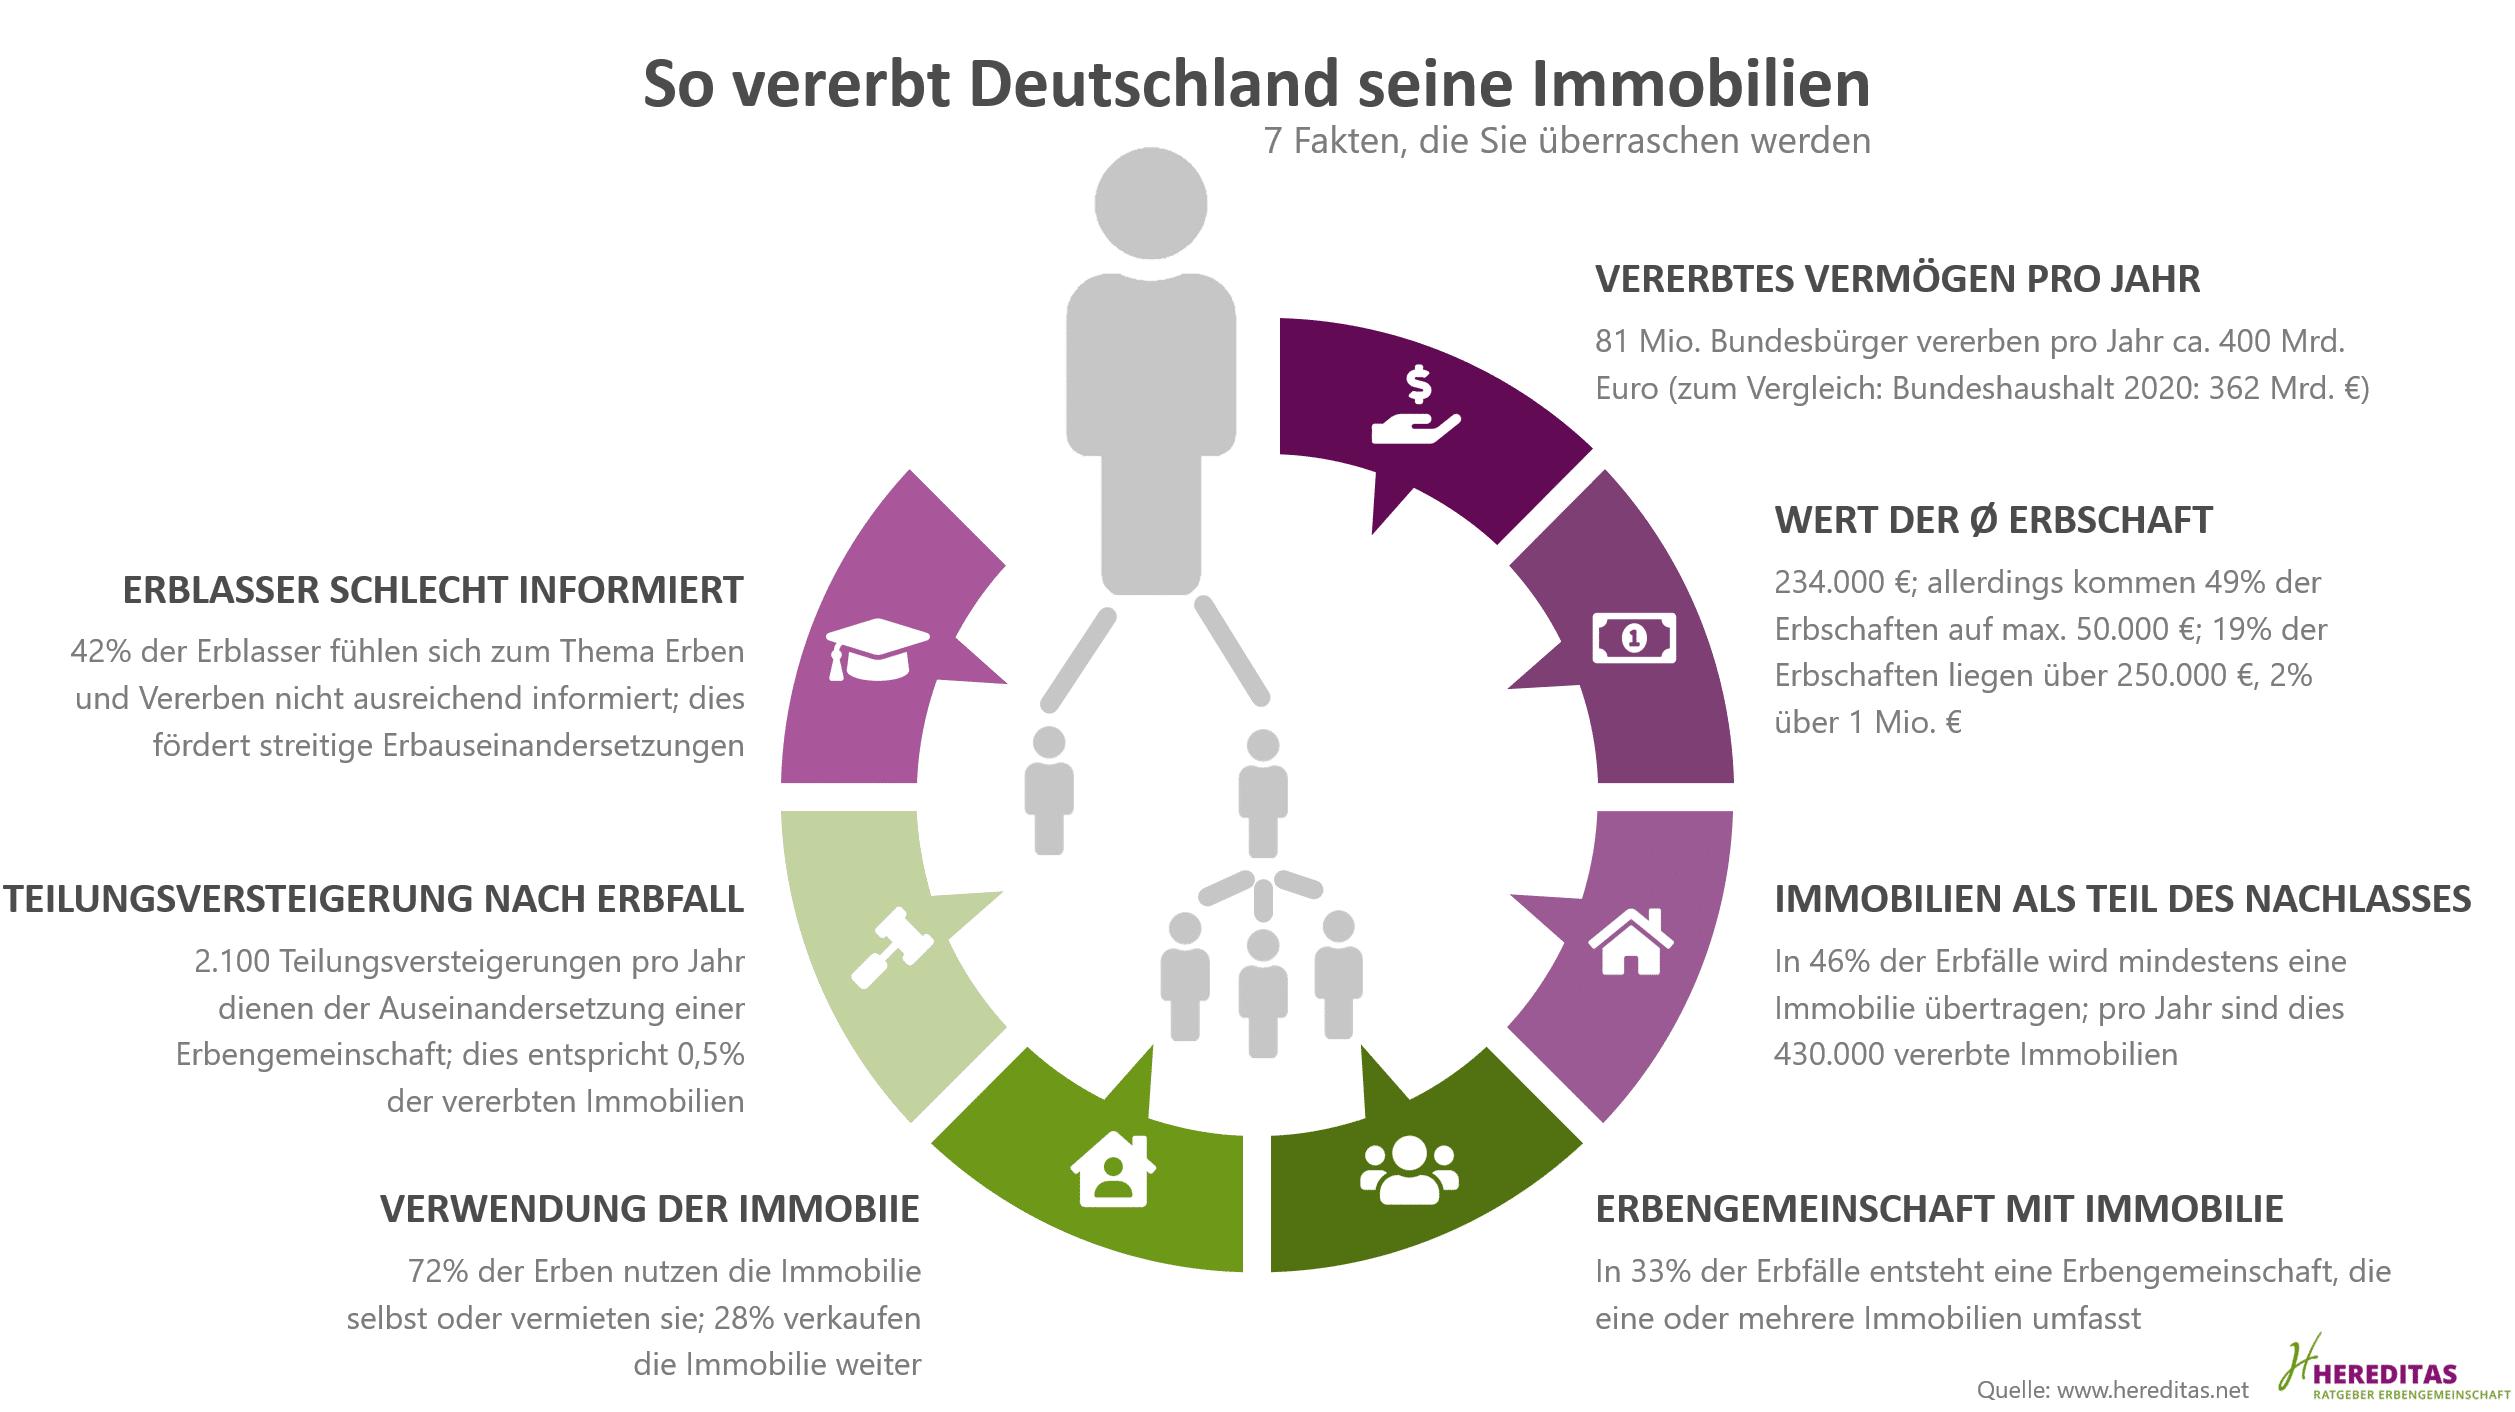 So vererbt Deutschland seine Immobilien: 7 Fakten, die Sie überraschen werden